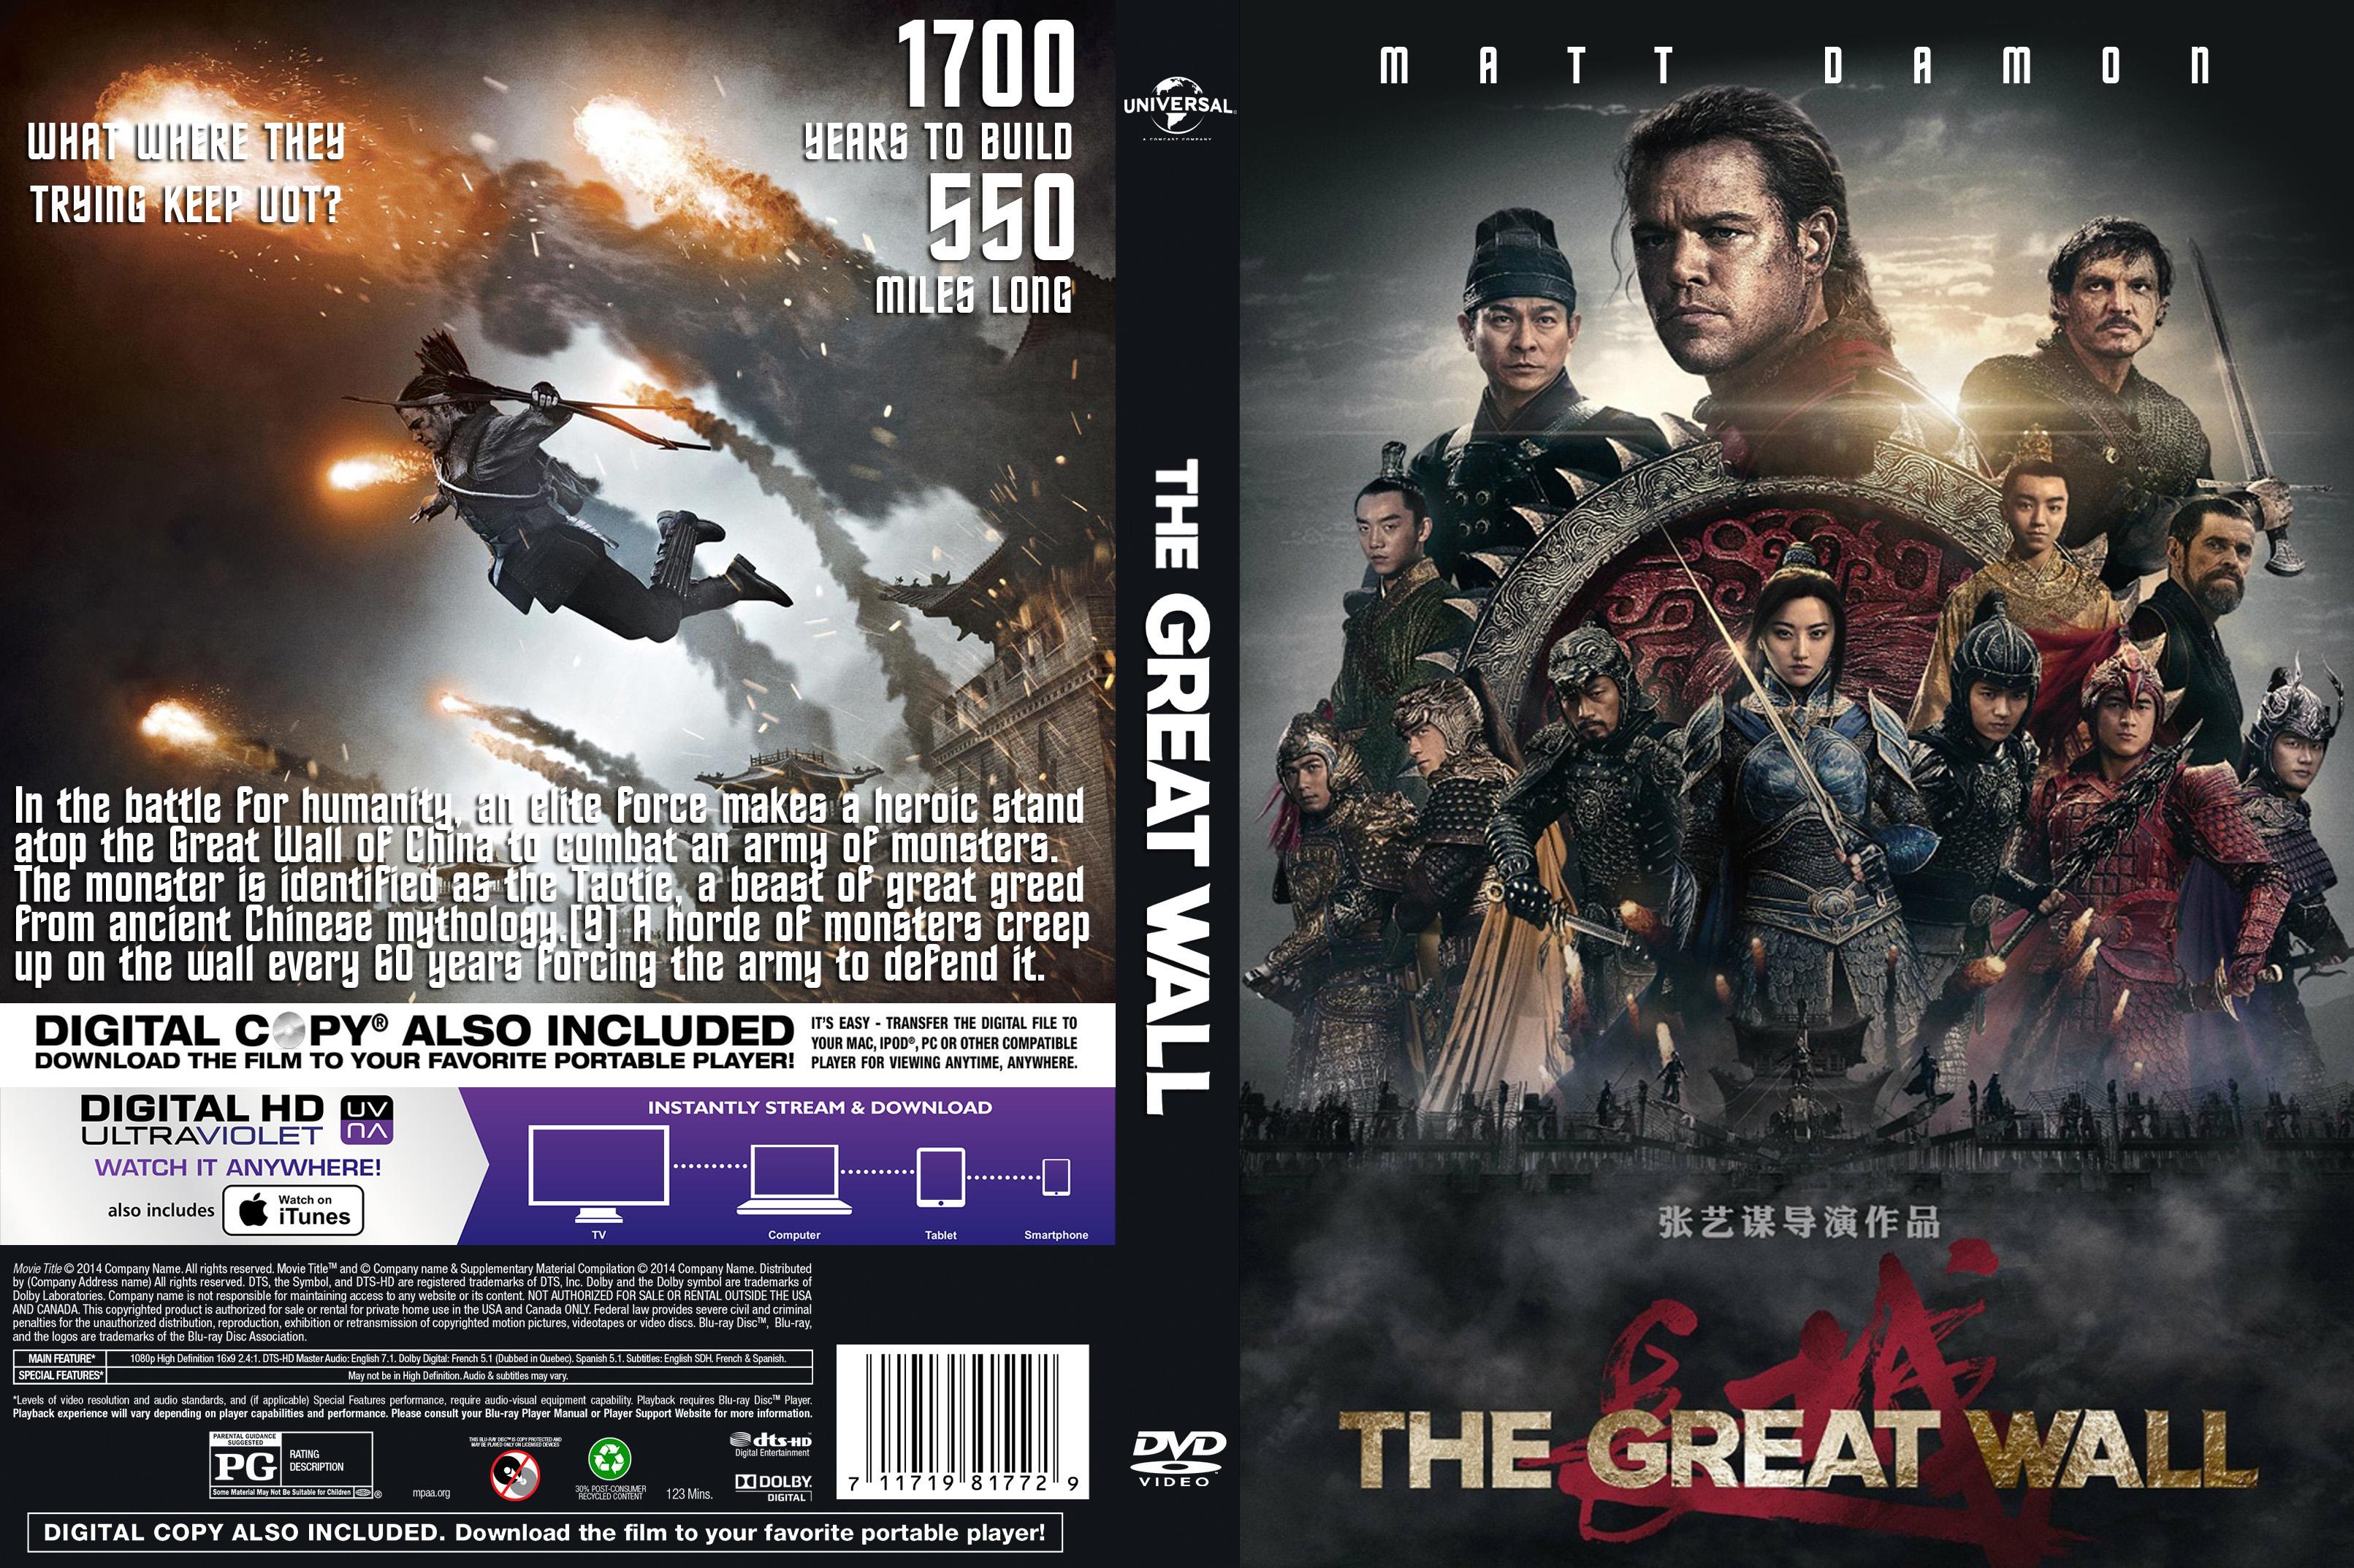 dvd movie size